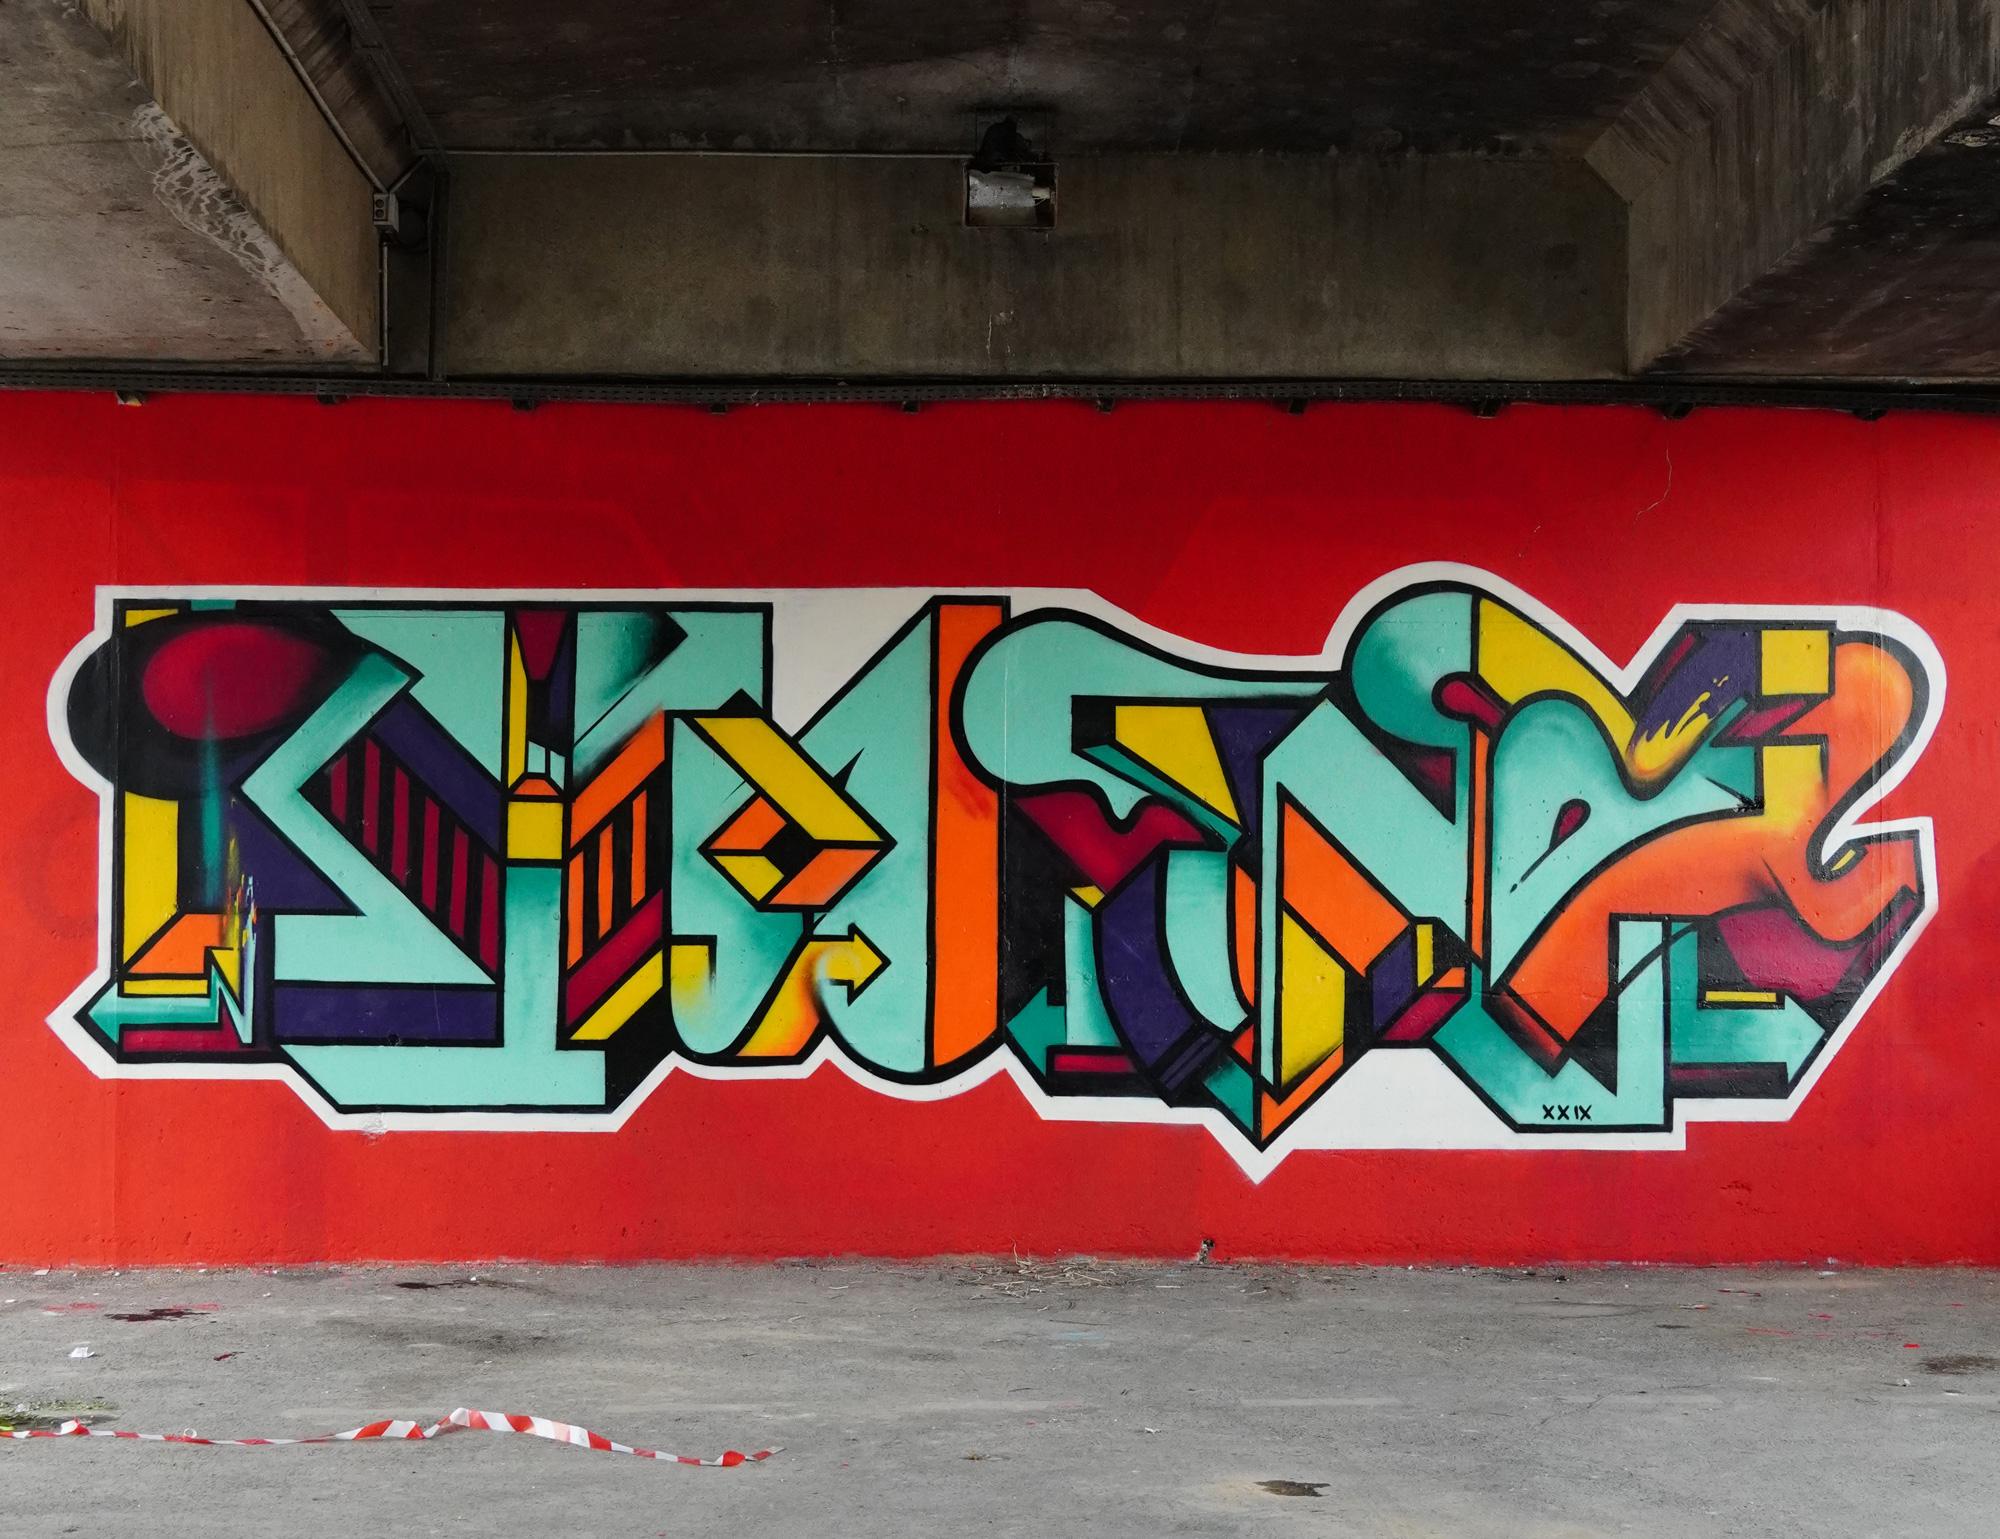 eno graffiti writing ktm naples